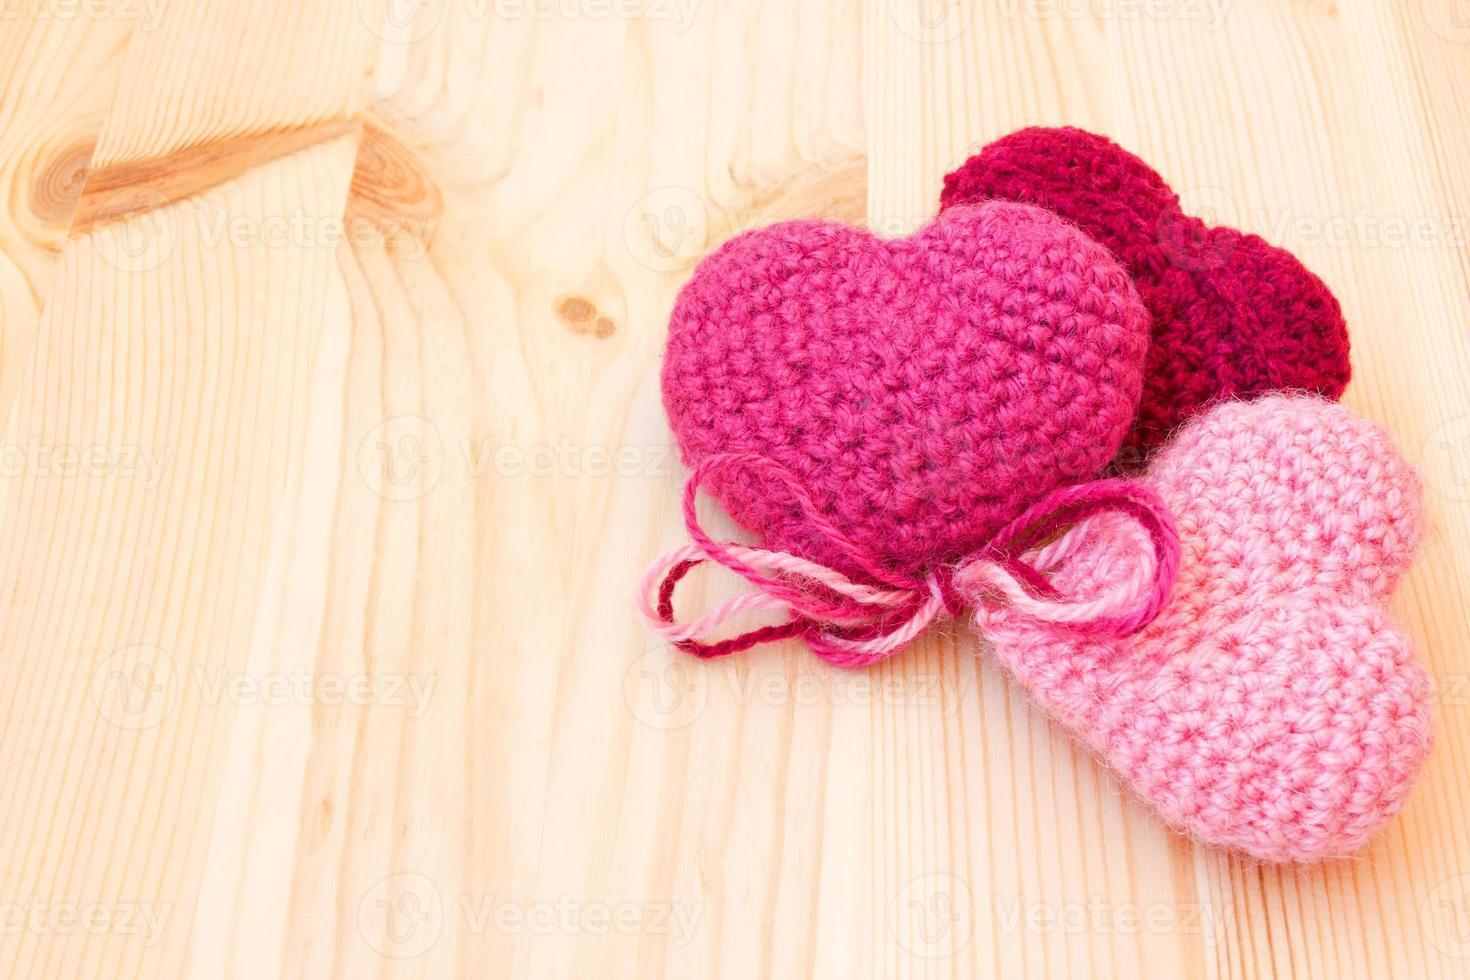 brinquedos de malha em forma de coração foto